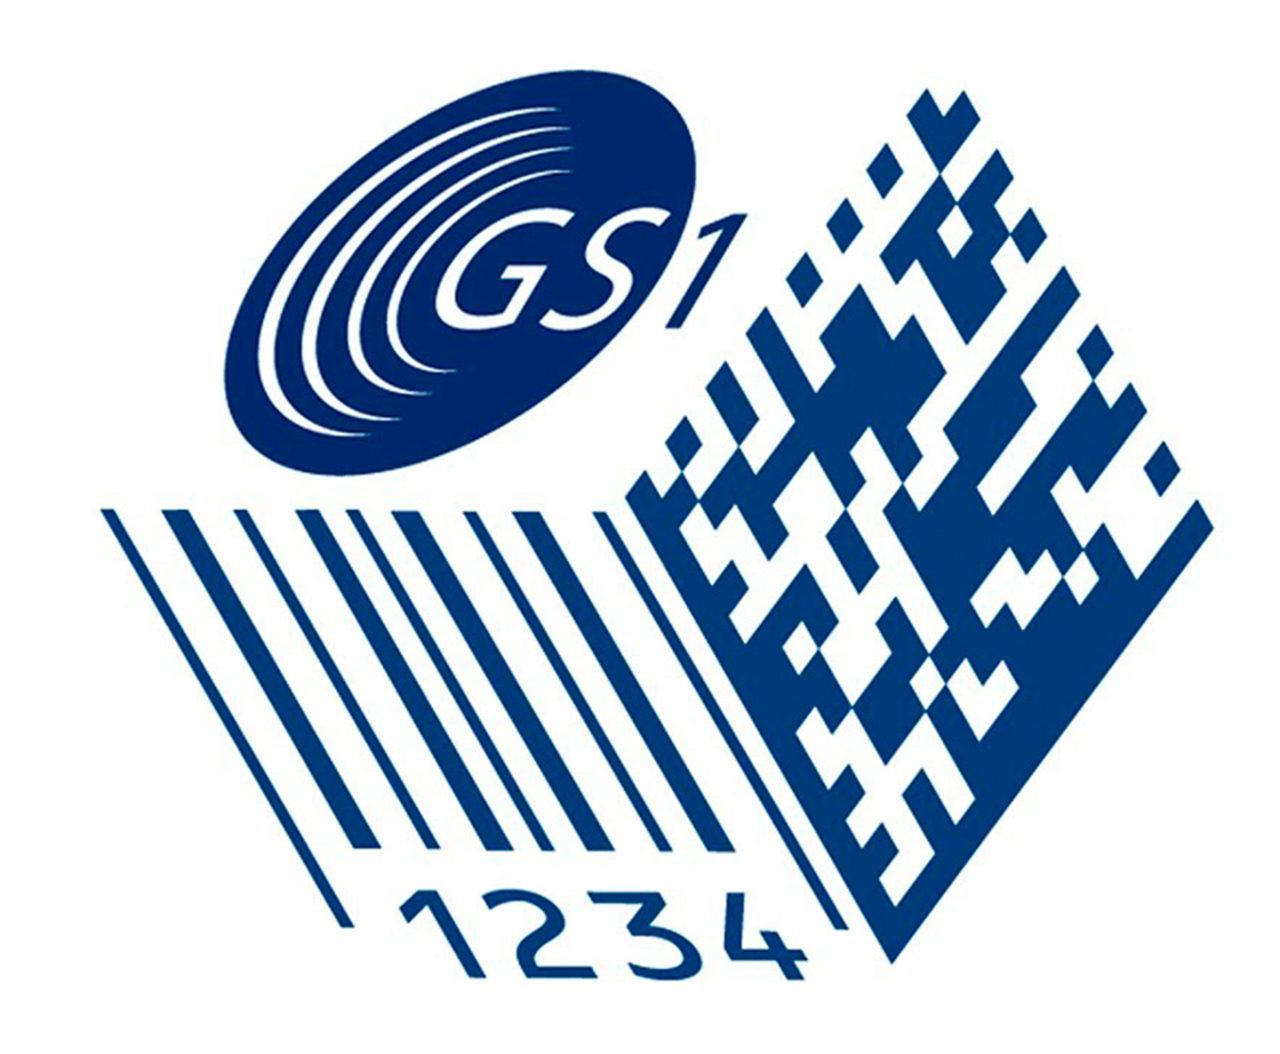 Estándares GS1 y la 4ª. Revolución Industrial